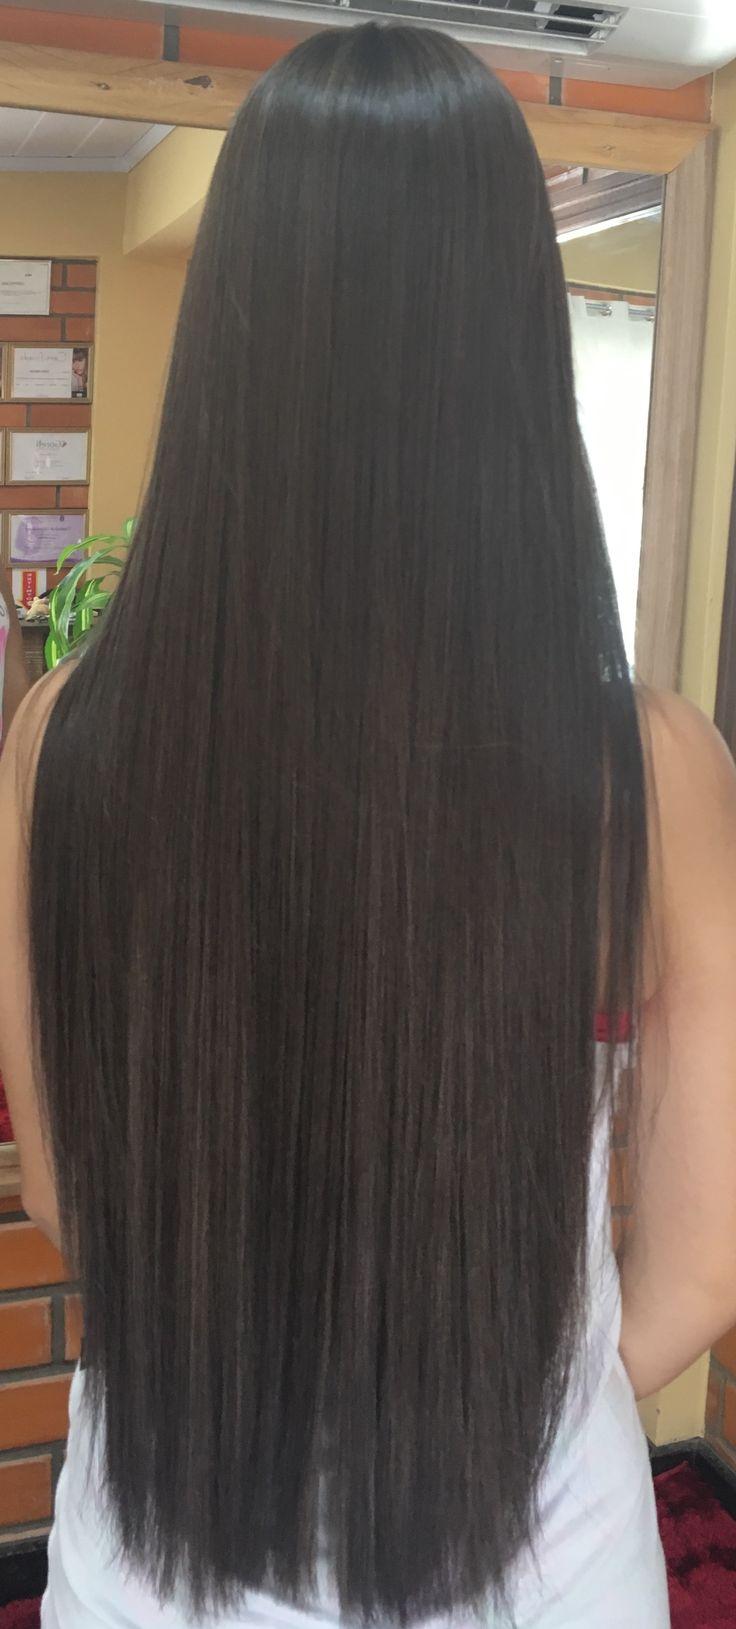 #brunette #hair